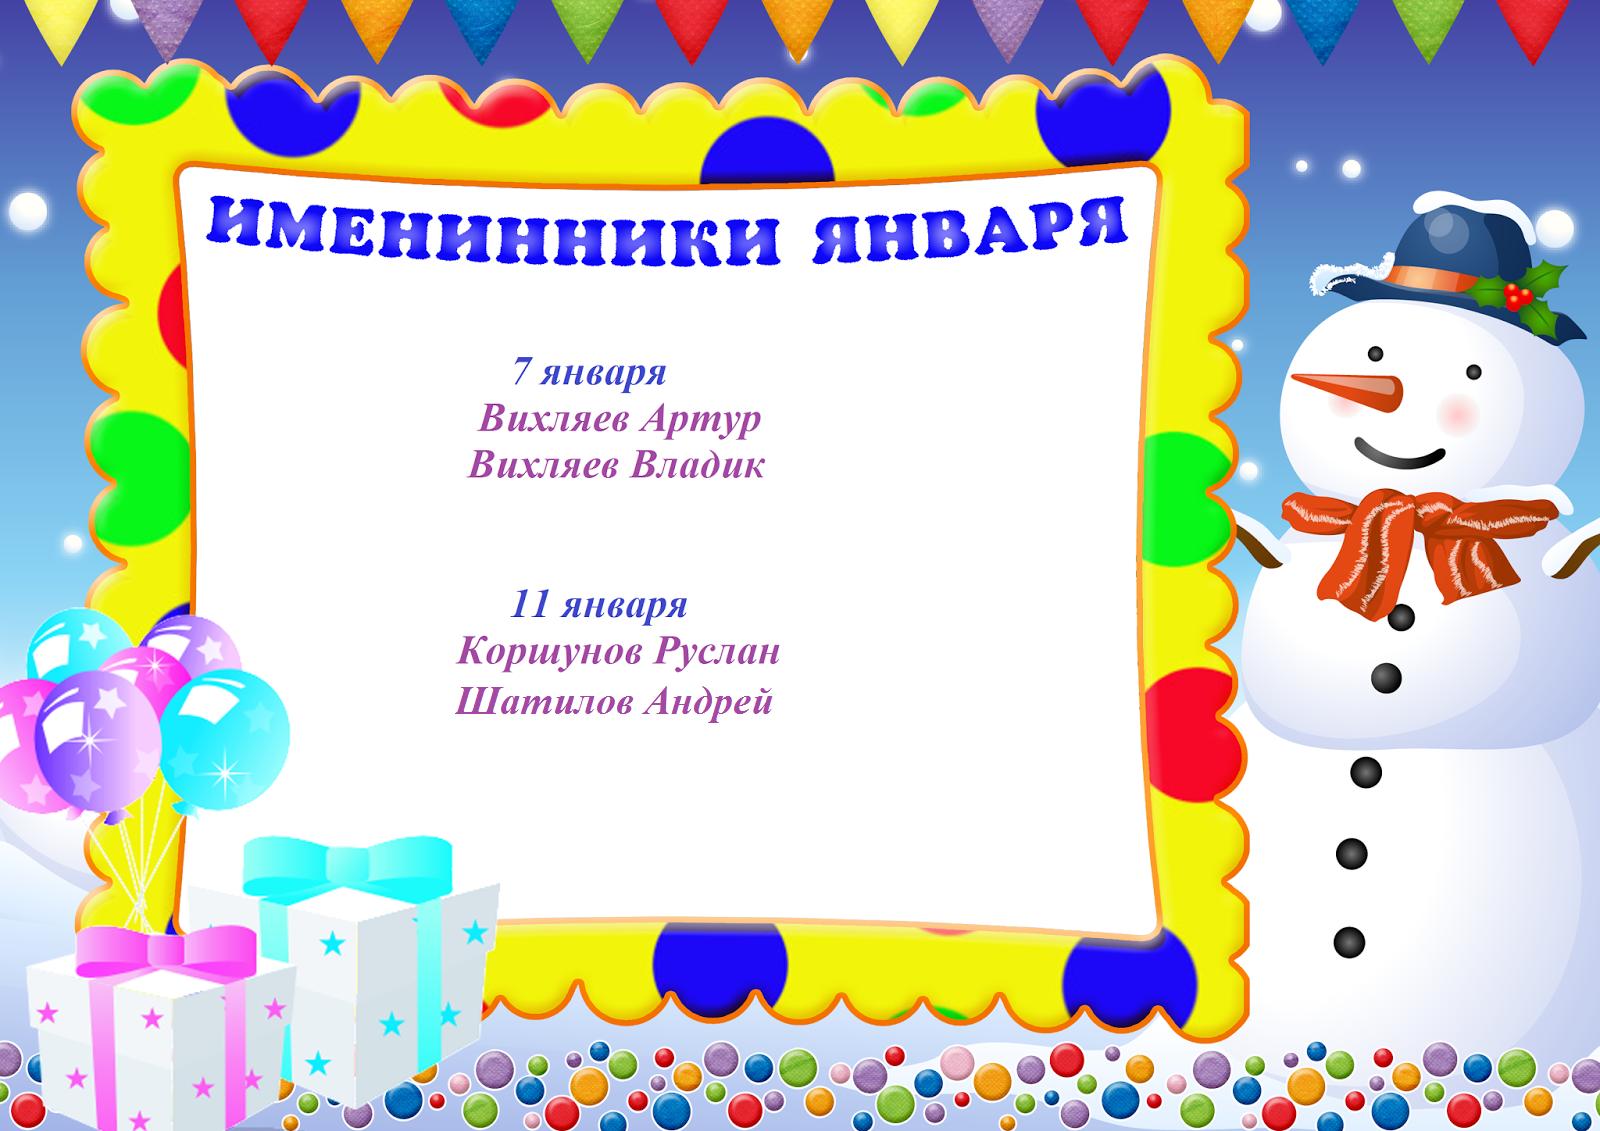 Объявление поздравления с днем рождения